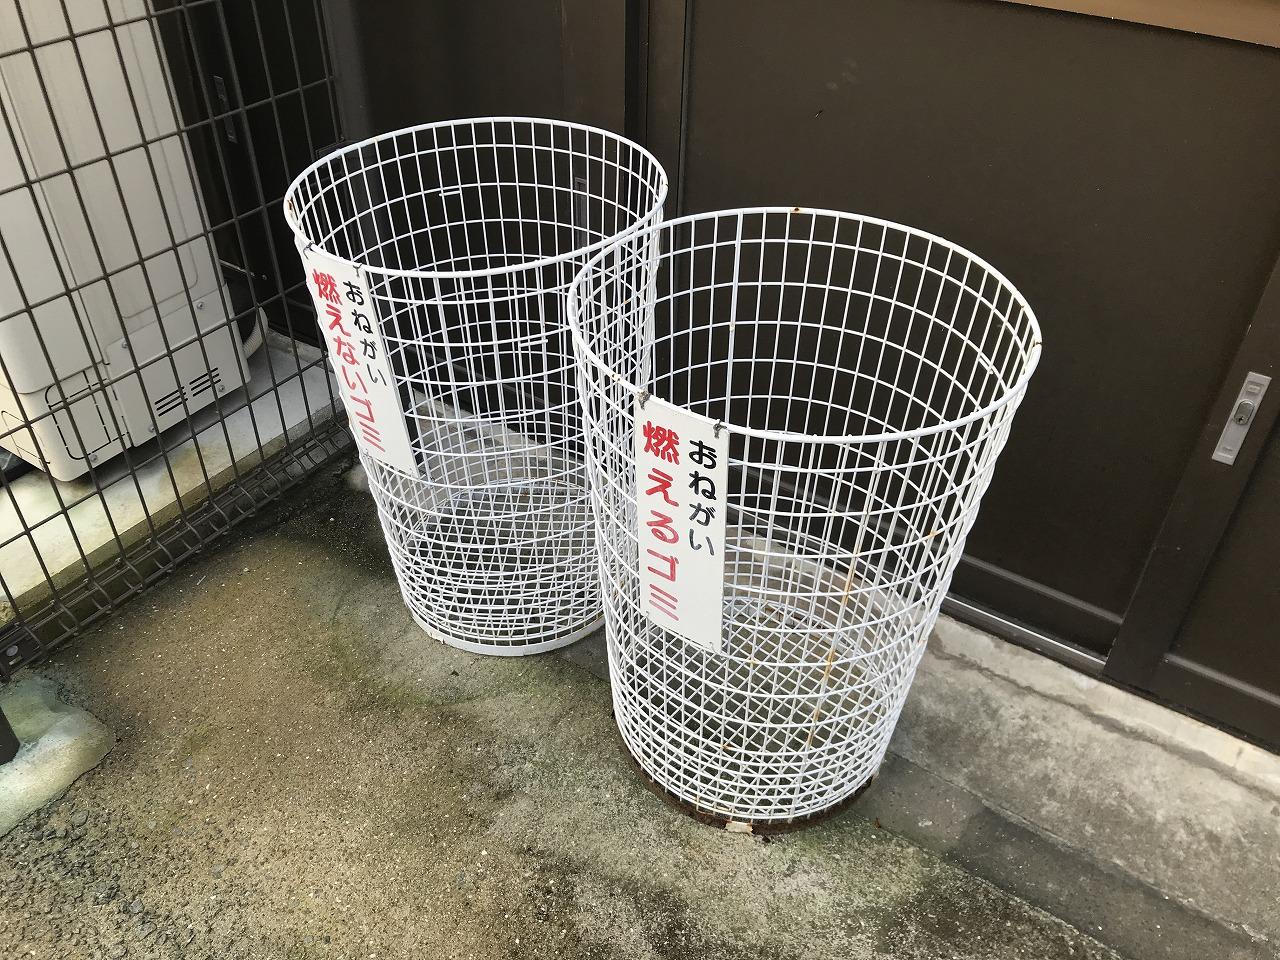 (神戸市)久遠寺のゴミ箱